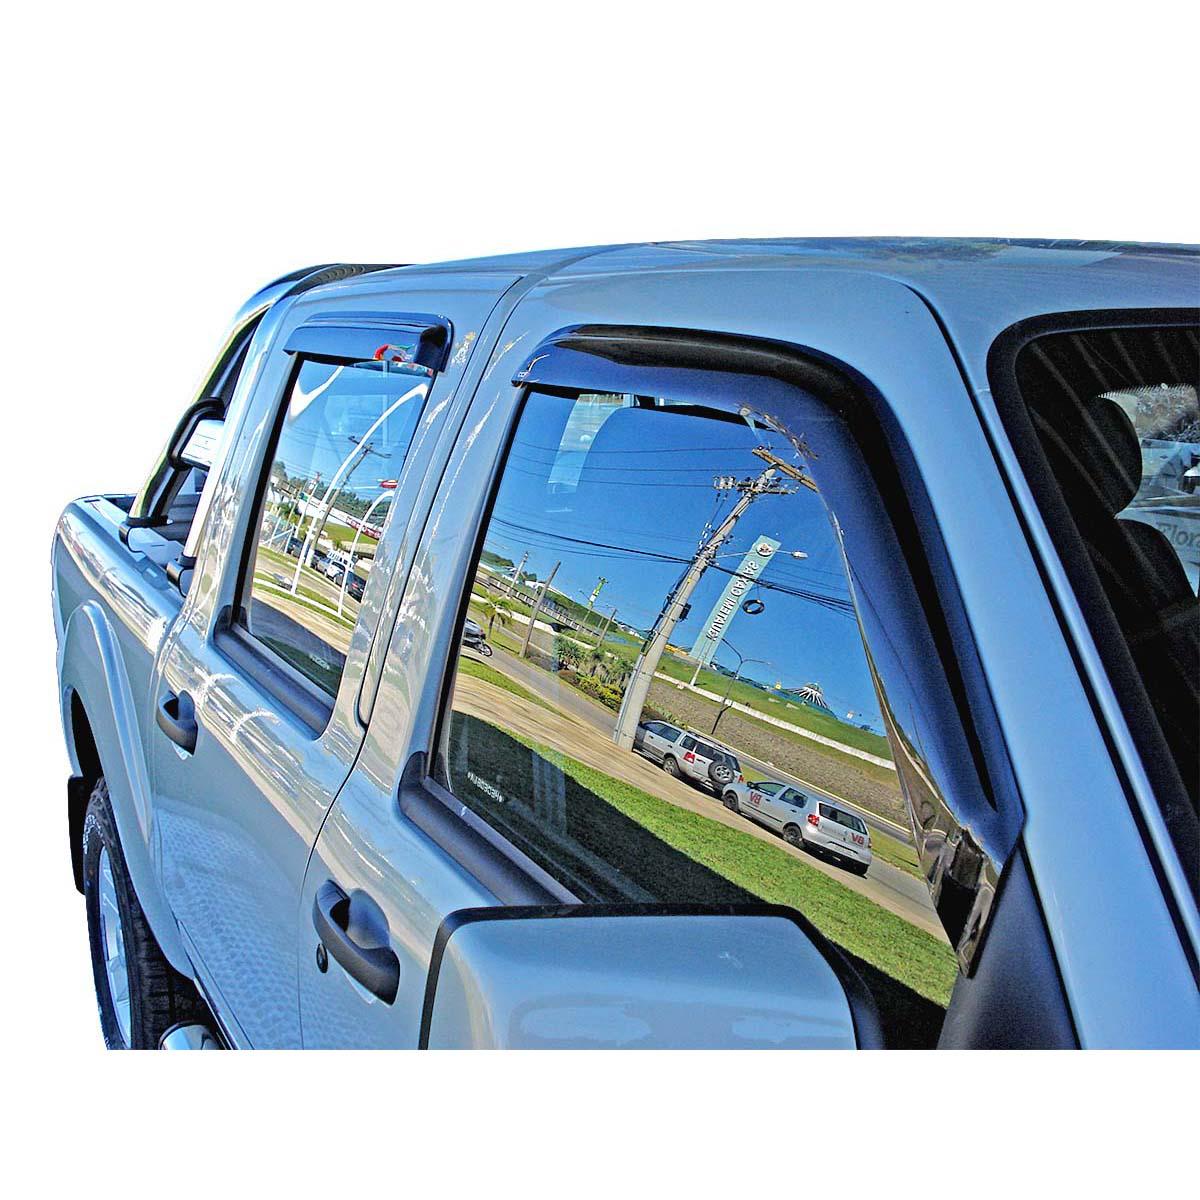 Calha de chuva Dodge Ram cabine dupla 2005 a 2011